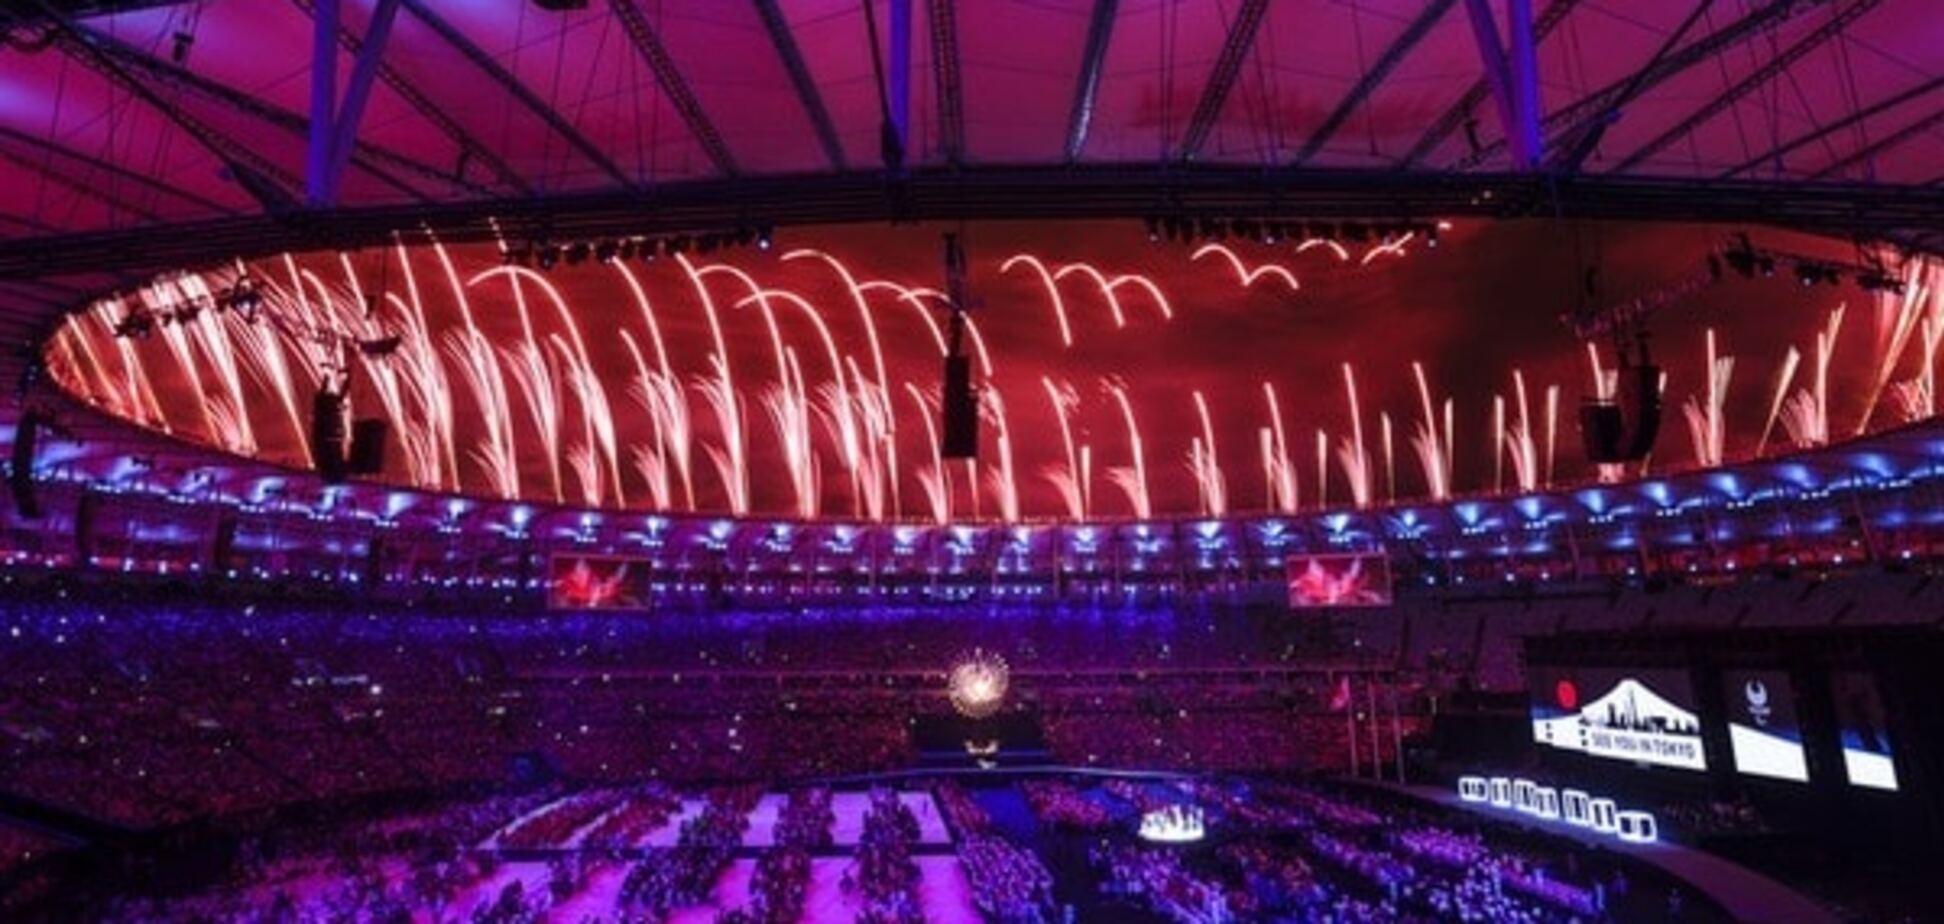 У Ріо відбулося офіційне закриття Паралімпіади-2016